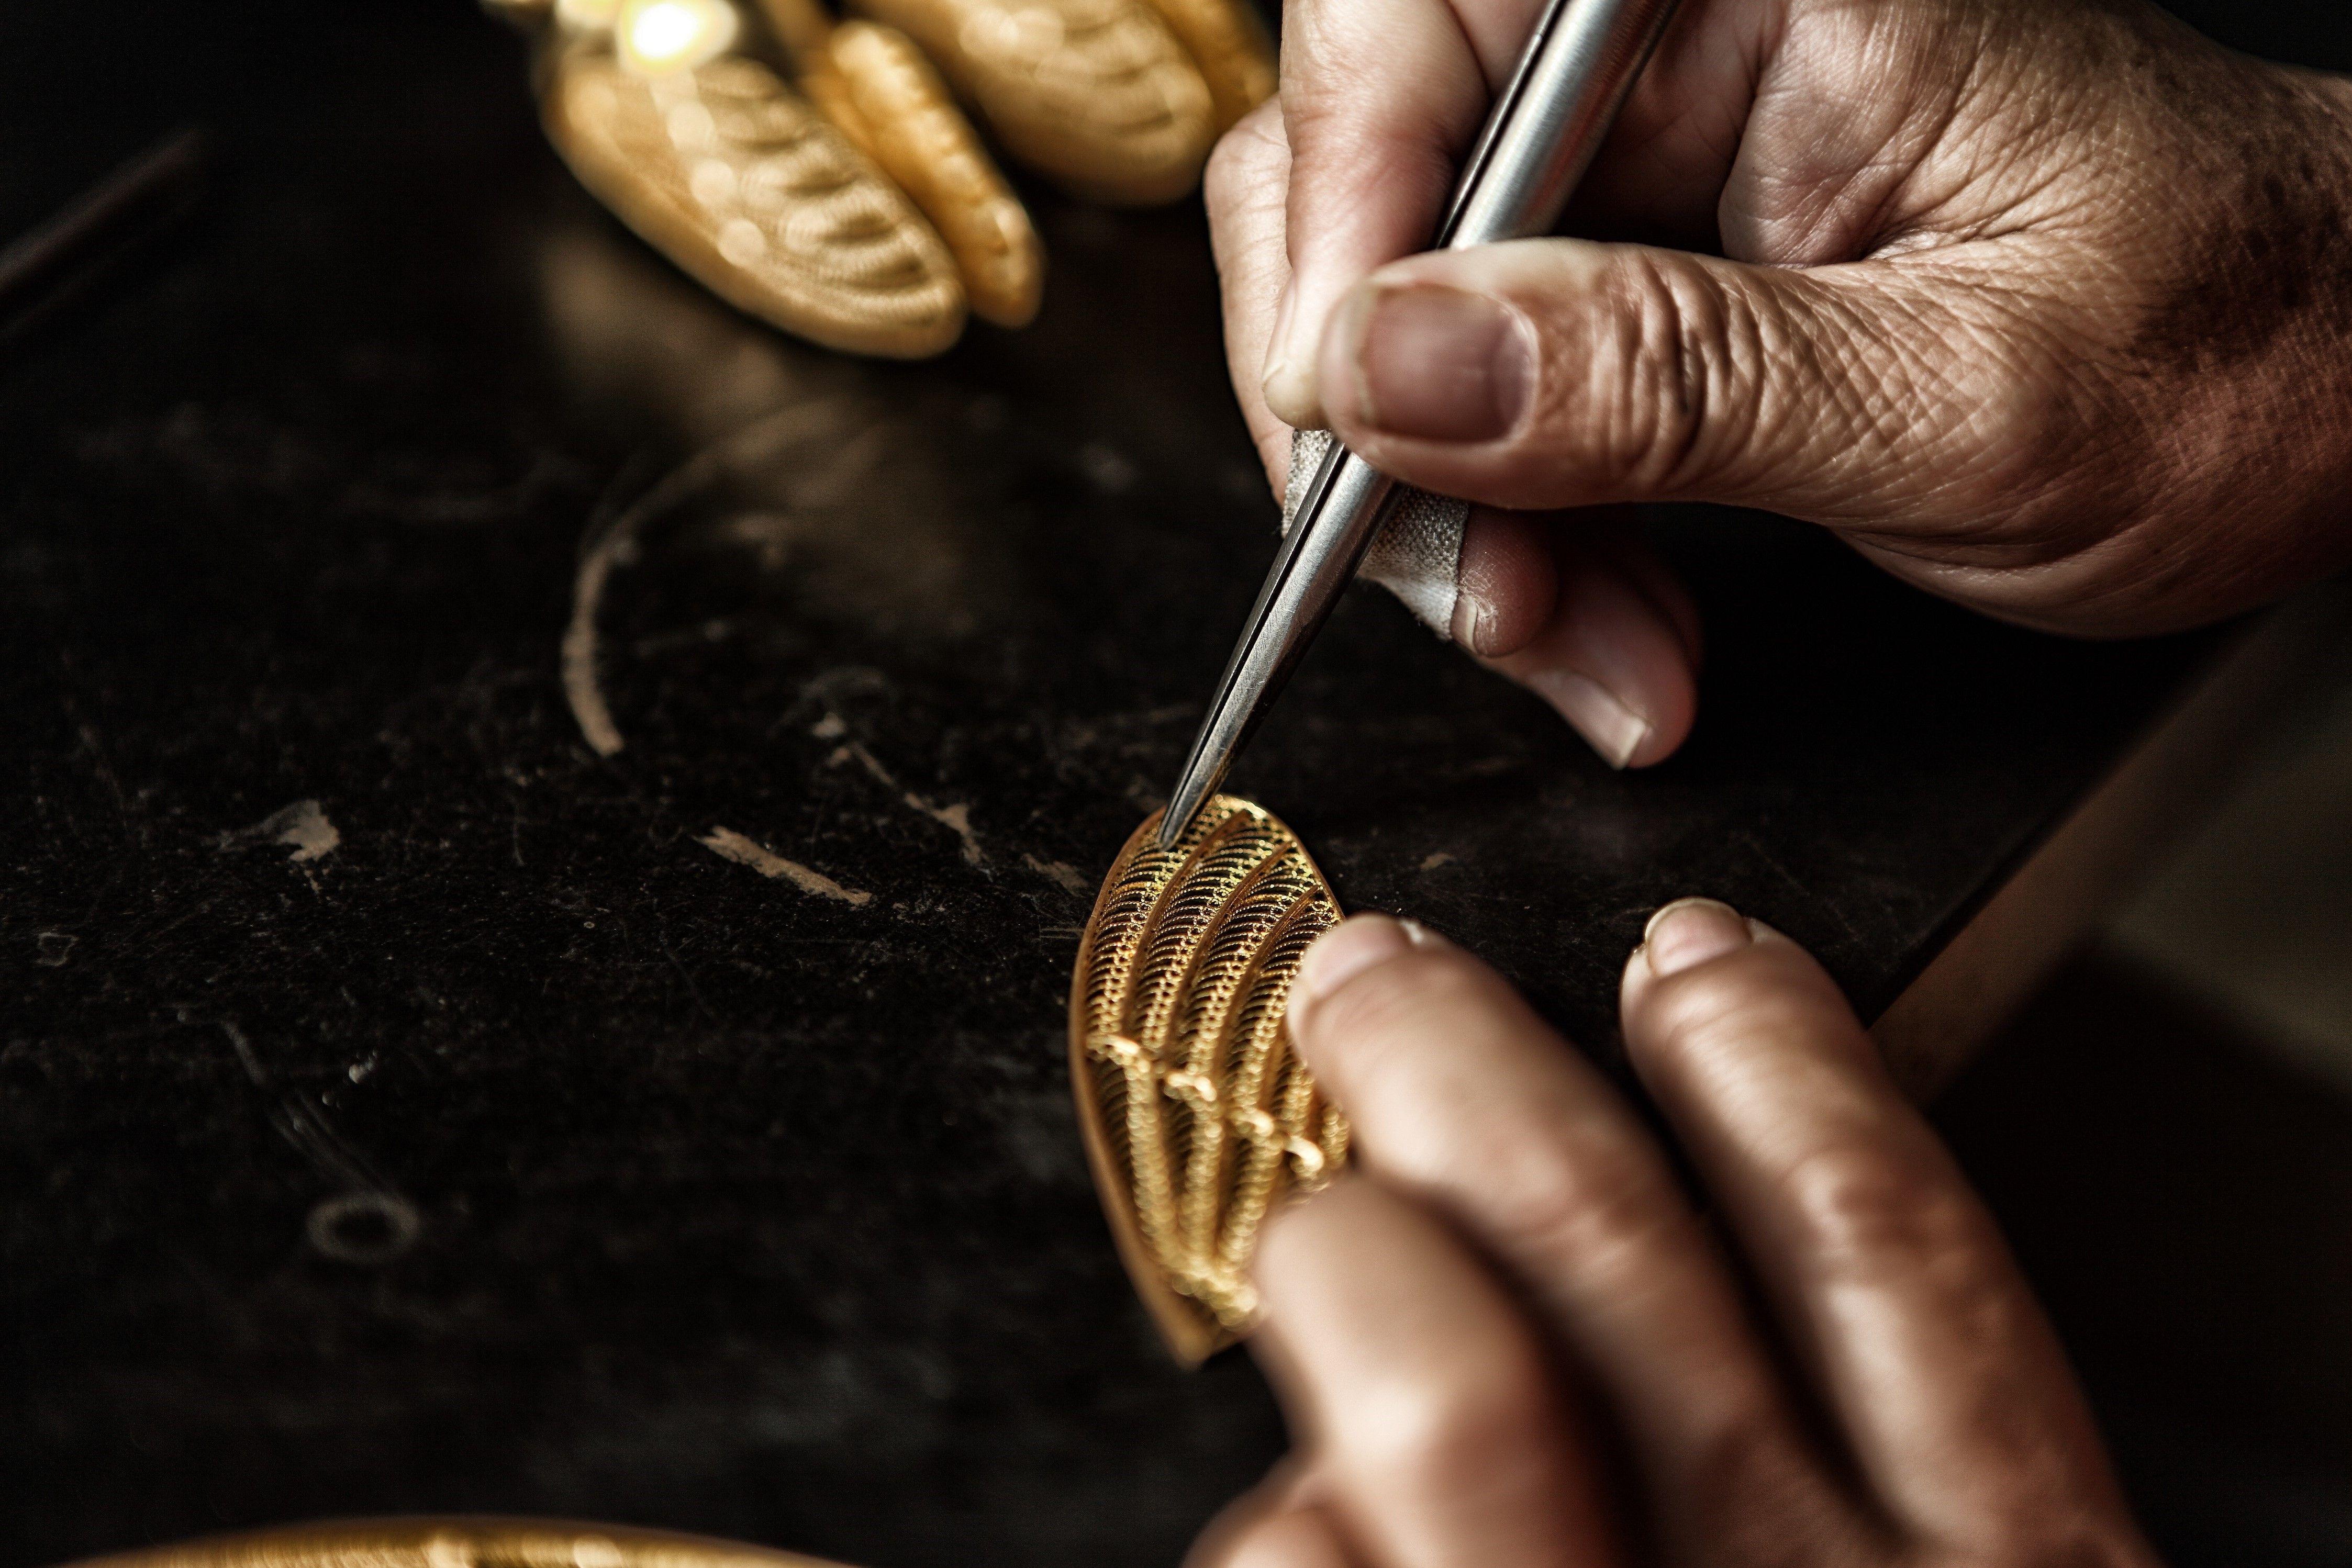 每件产品都是由宫廷匠人的传人手工制作 明代著名画家文震亨在